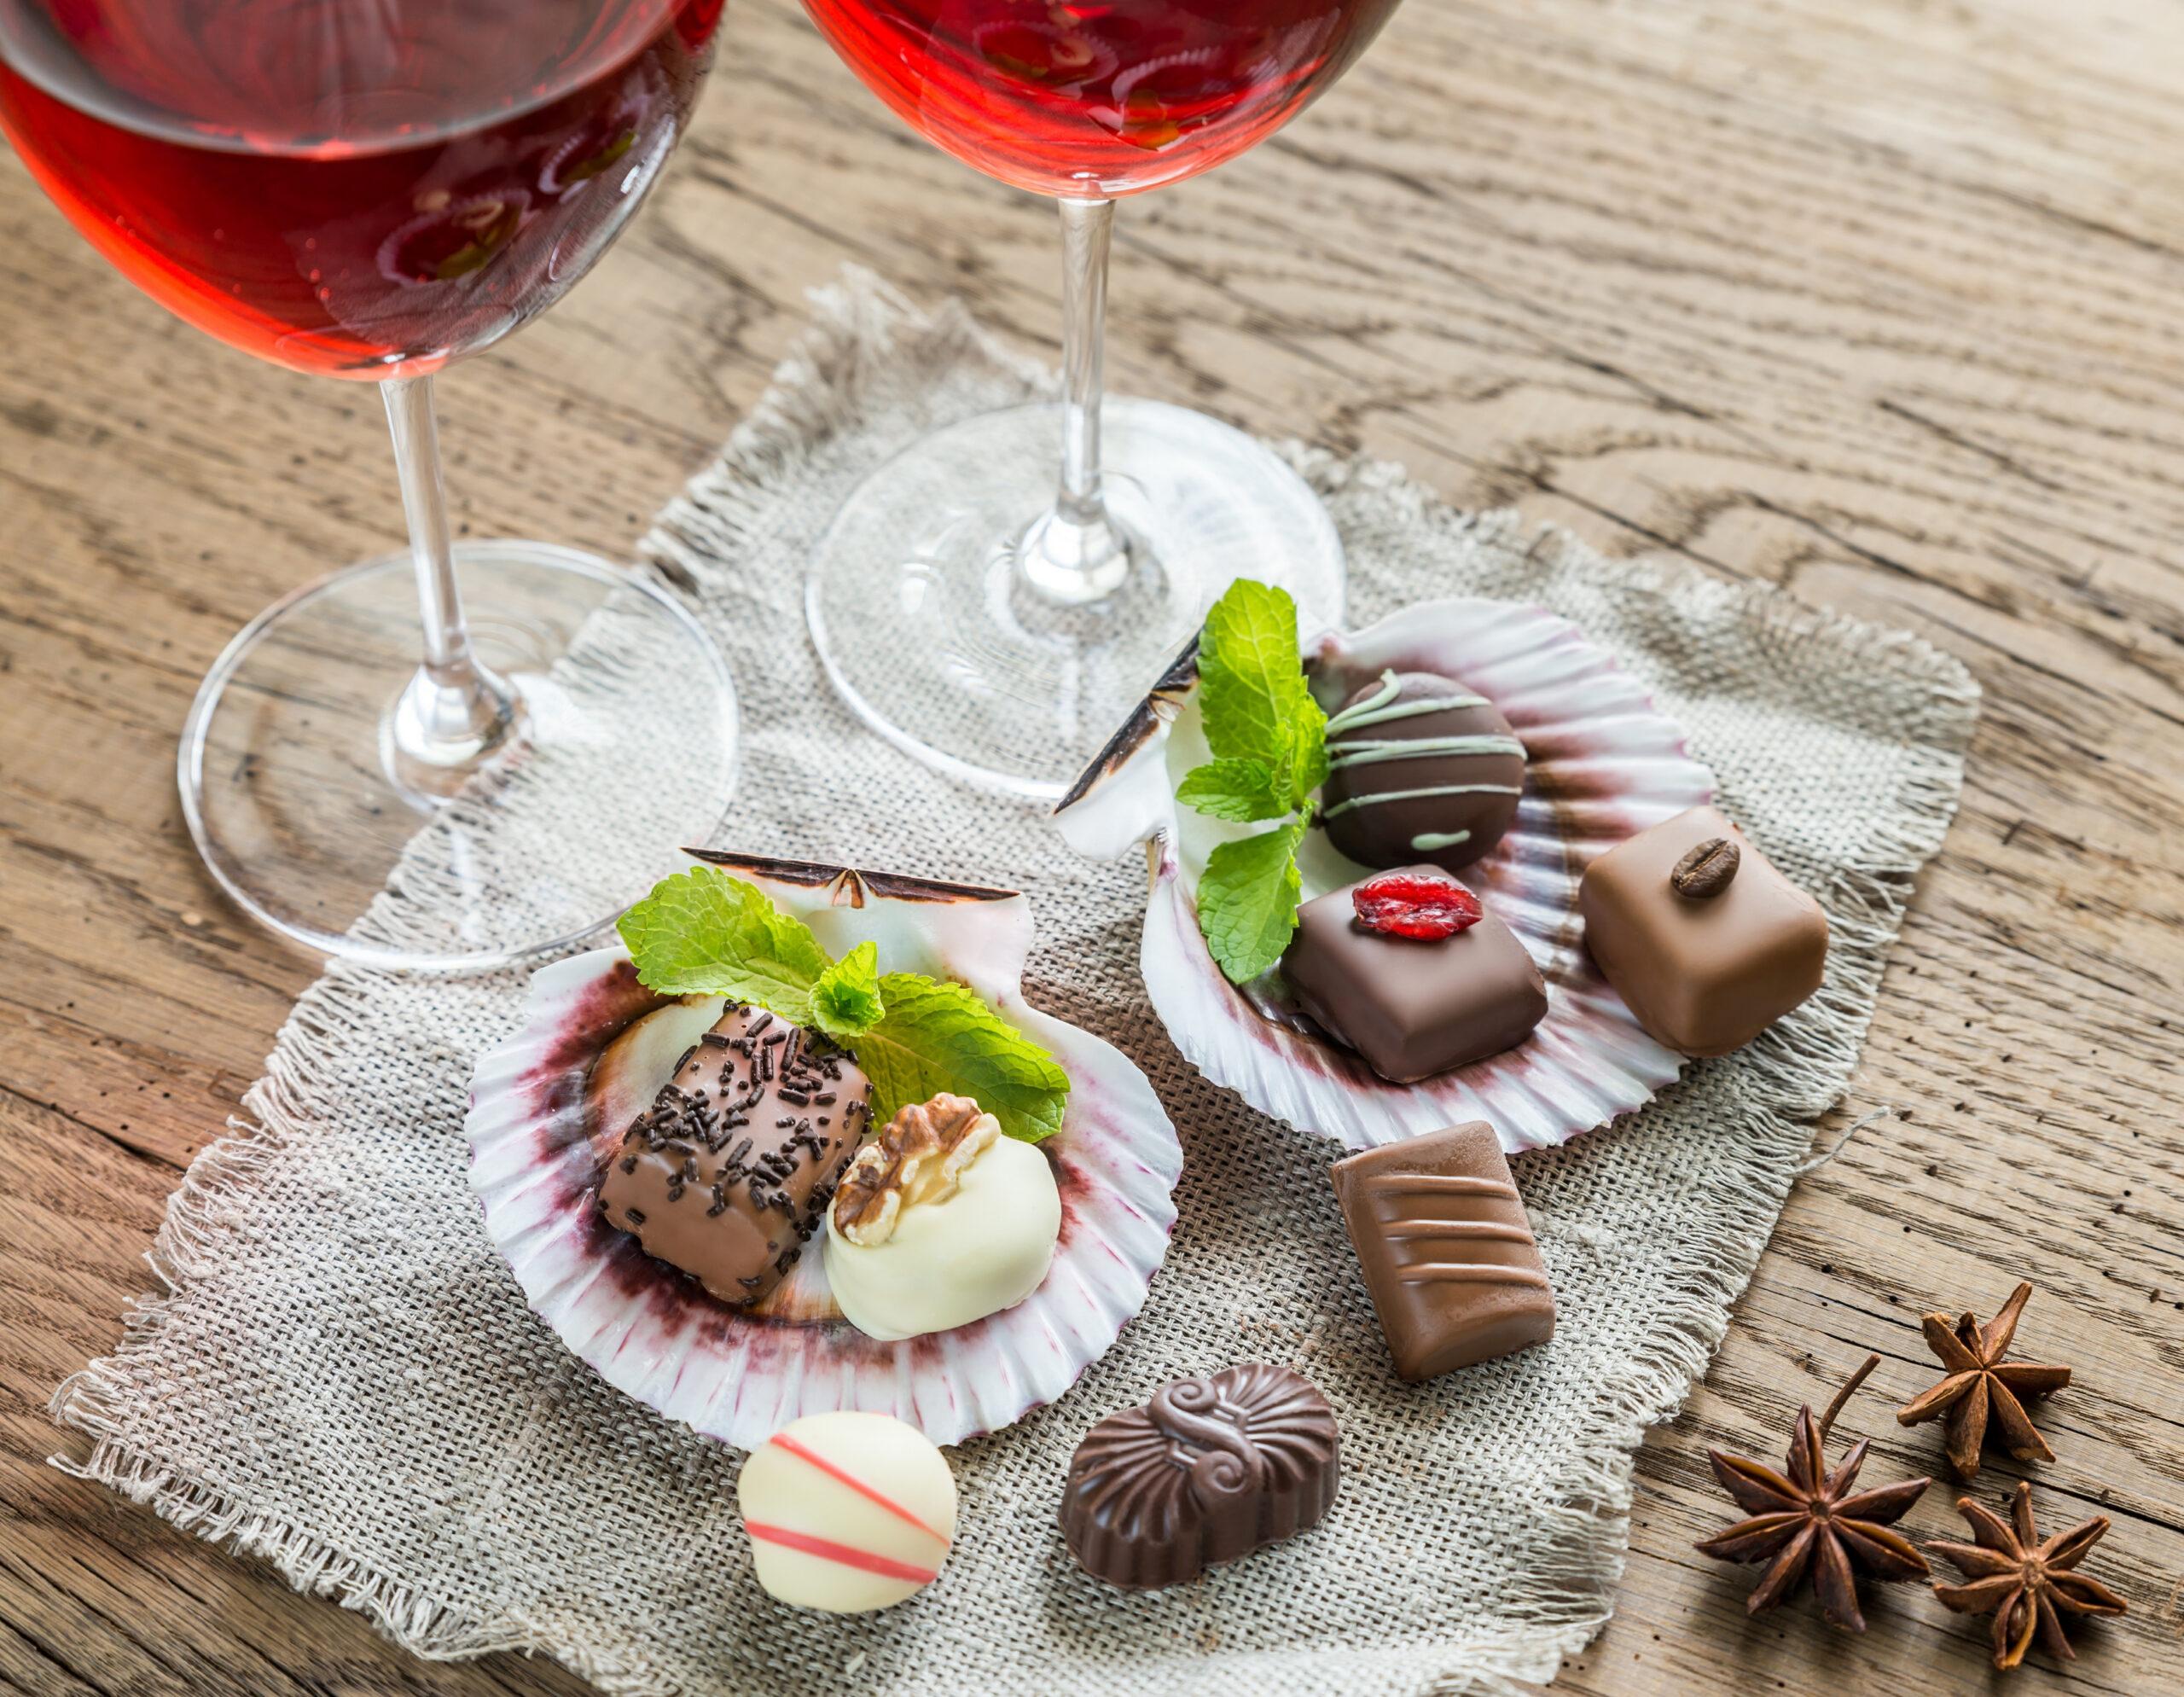 Italian Dinner and Wine & Chocolate Pairing!